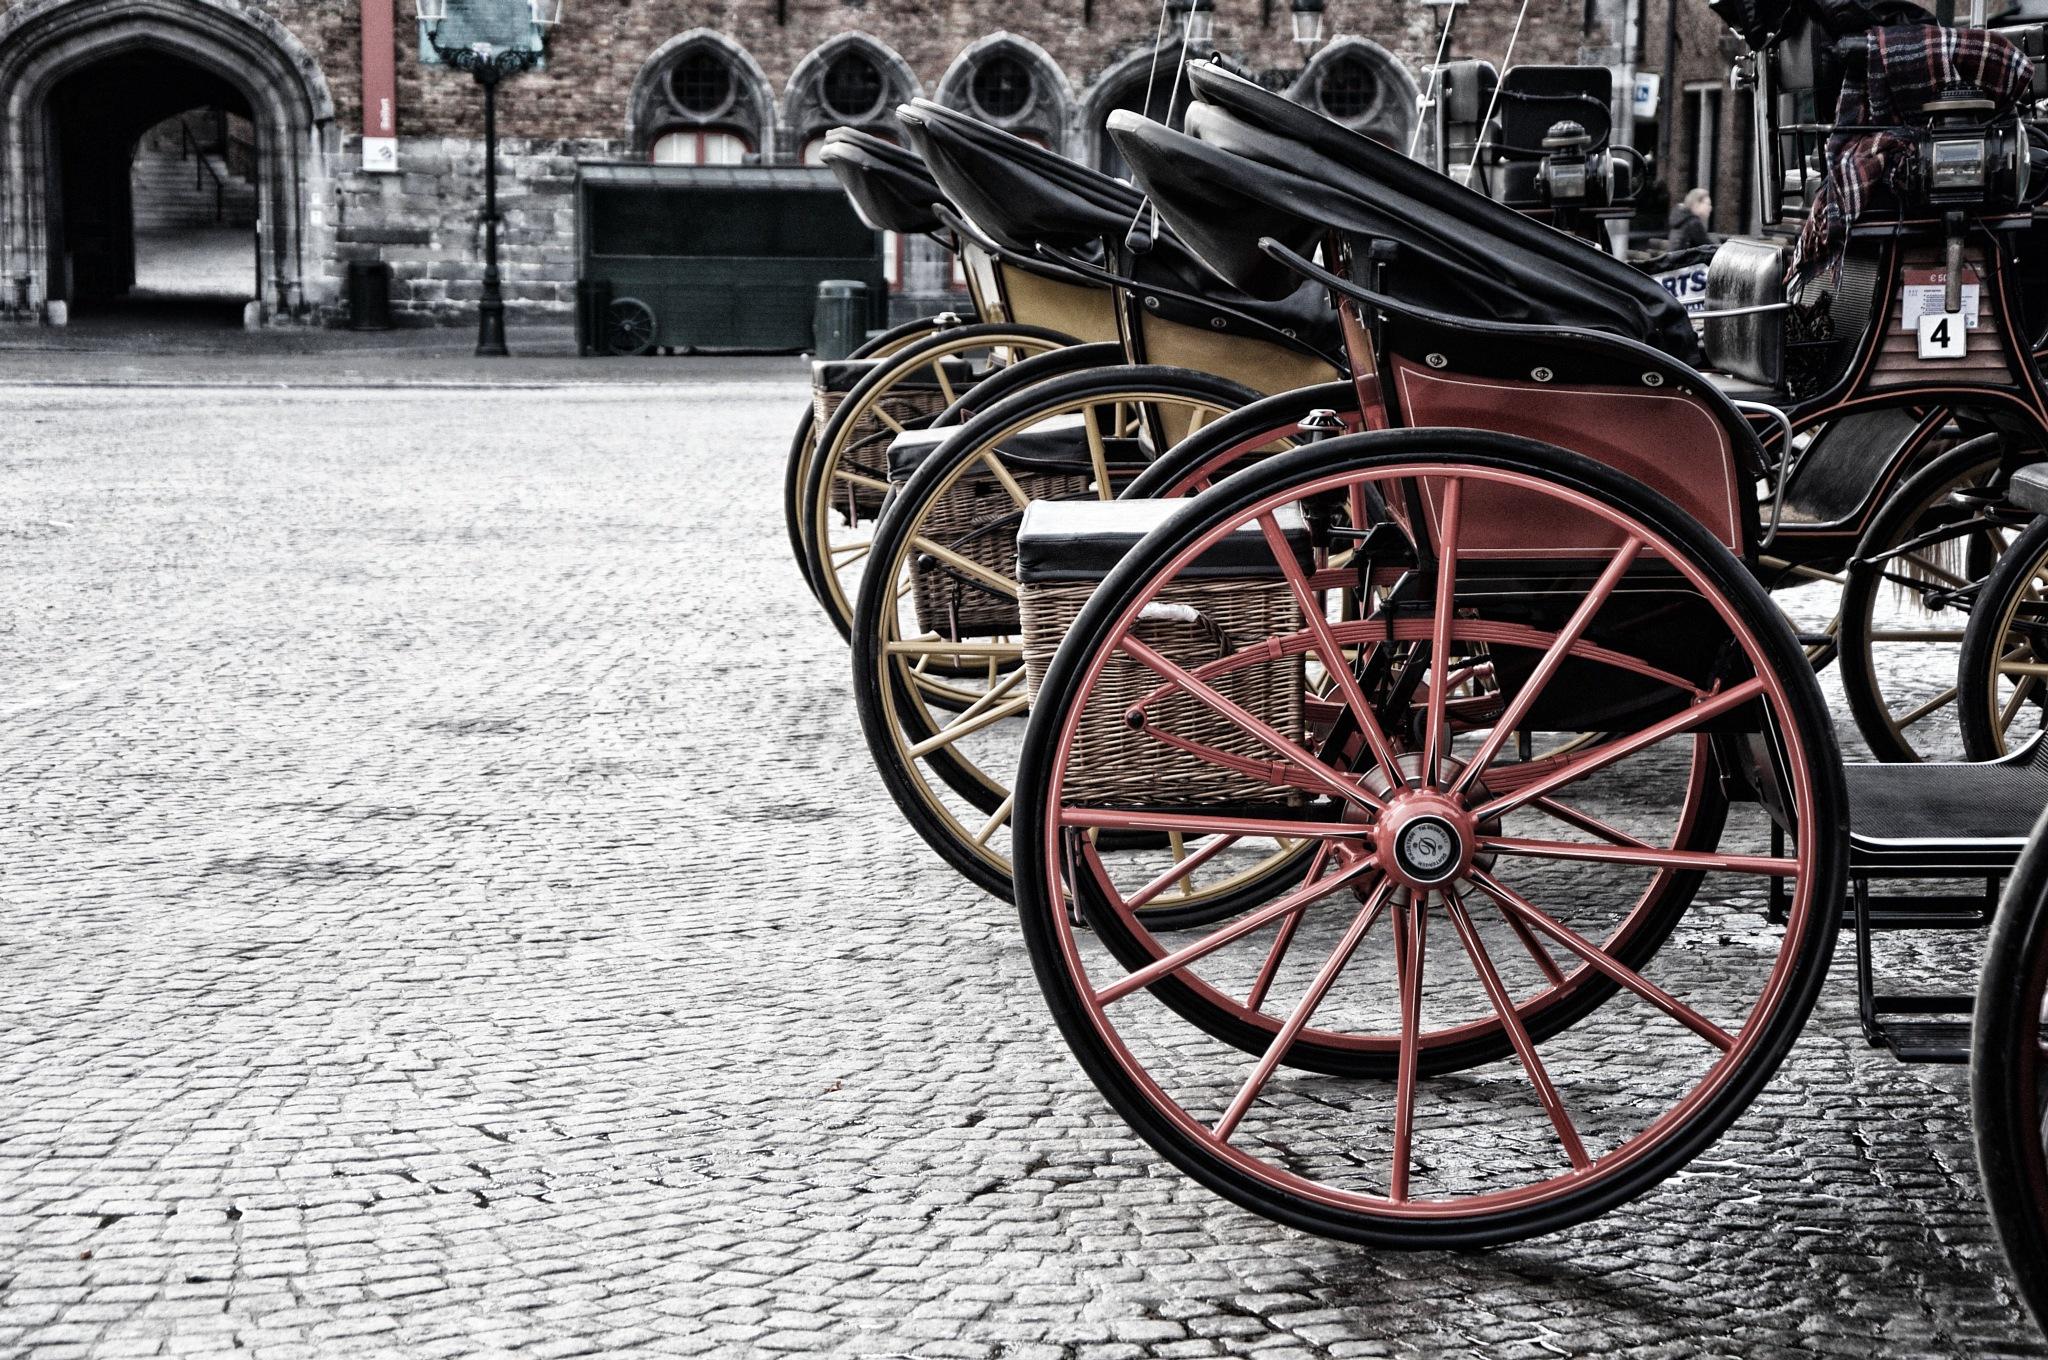 wheels by jean